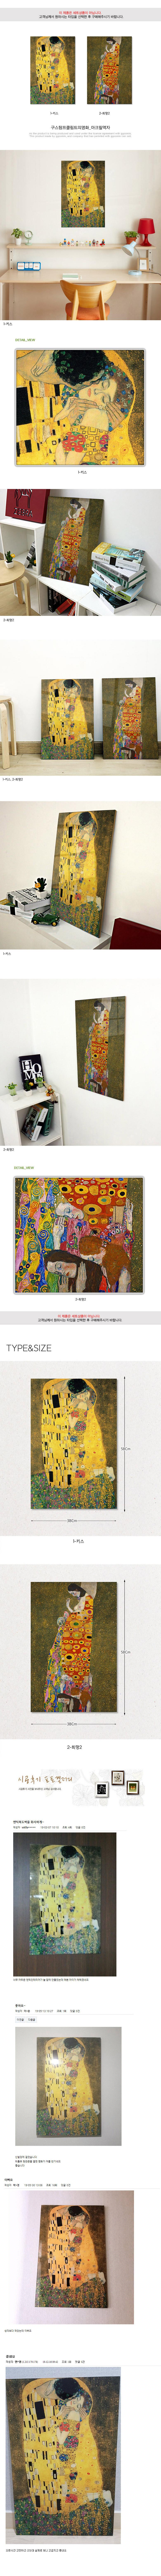 pg076-아크릴액자_구스타프클림트의명화 - 꾸밈, 29,400원, 홈갤러리, 사진아트